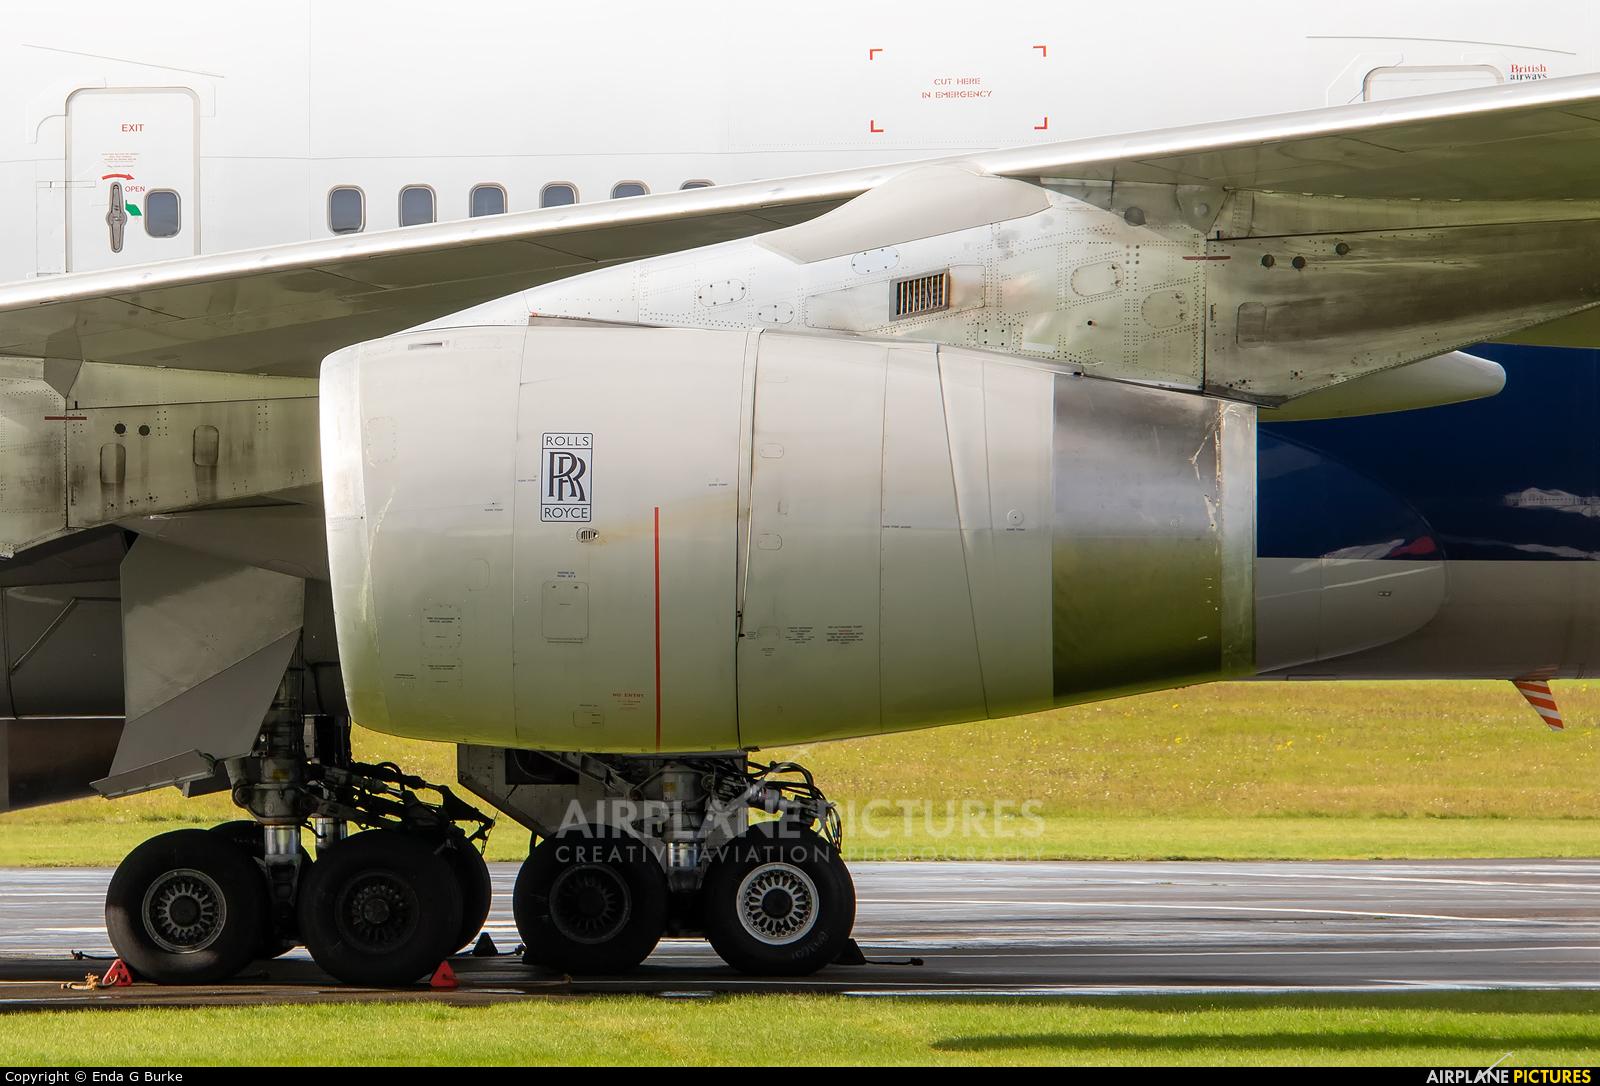 British Airways G-CIVB aircraft at Kemble